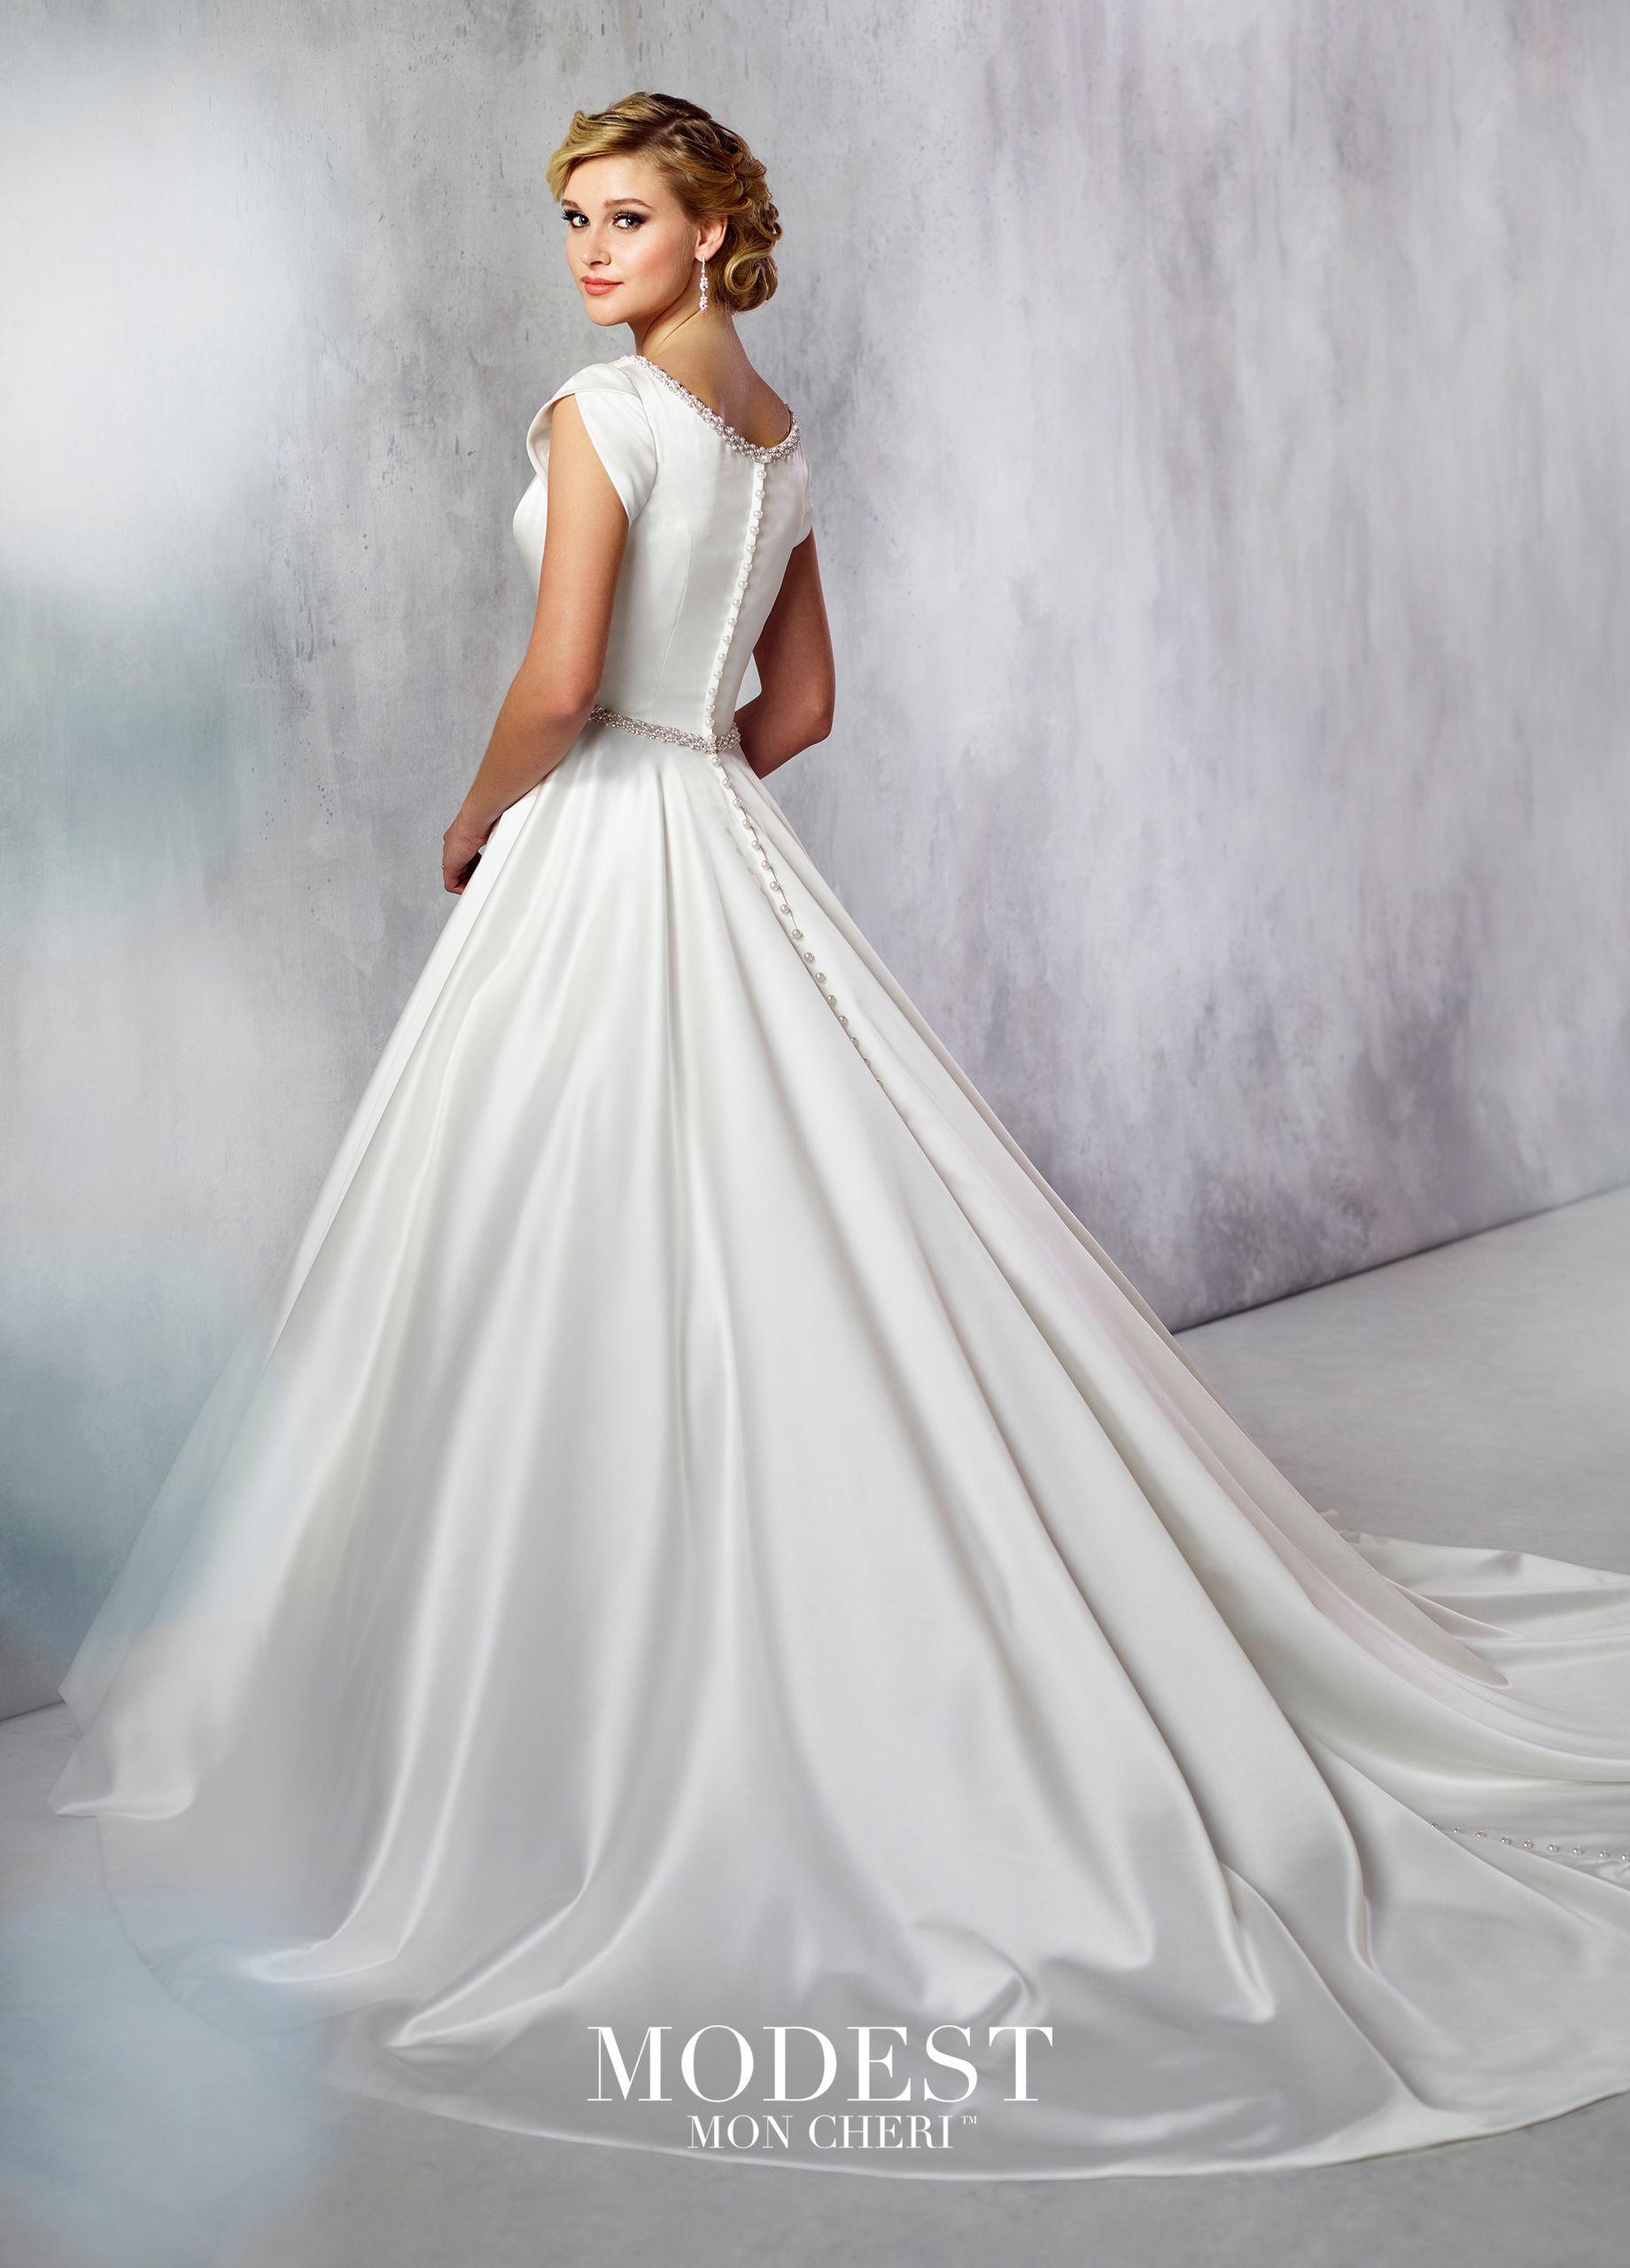 Modest Wedding Dresses Modest By Mon Cheri Ball Gown Wedding Dress Wedding Dresses Satin Wedding Dresses Taffeta